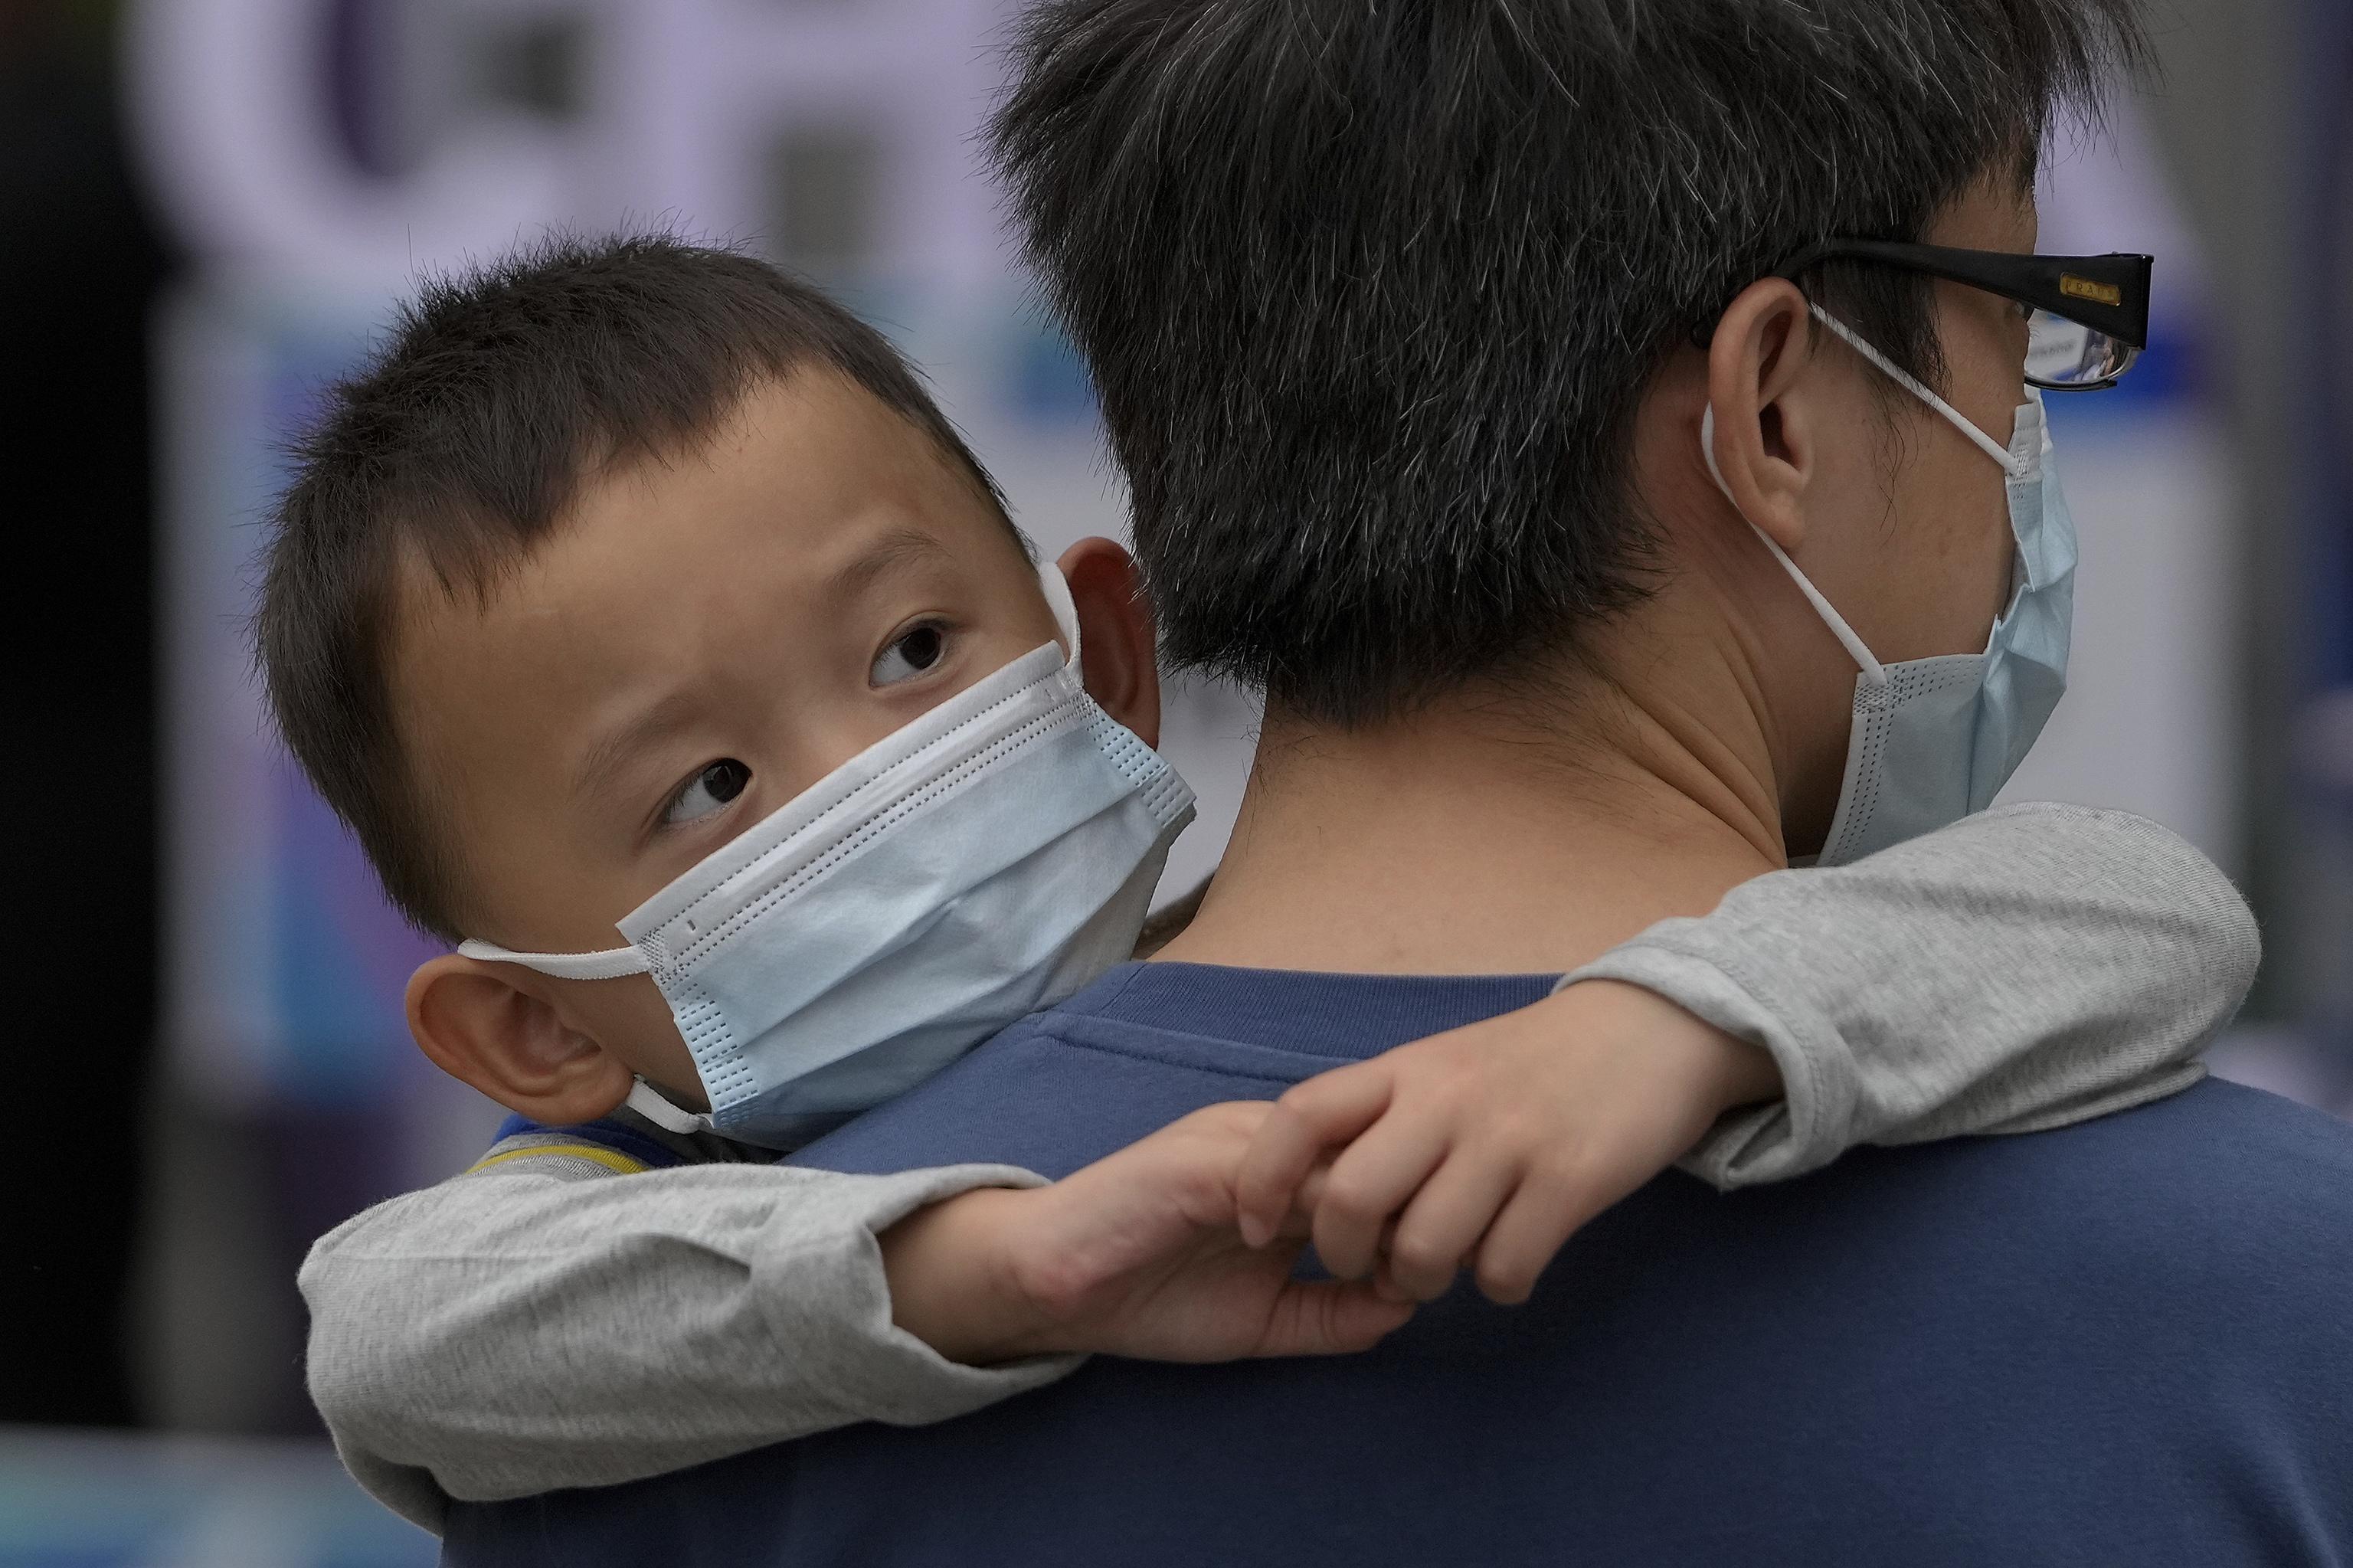 Un hombre lleva en brazos a un niño, ambos protegidos con mascarilla, en las calles de Pekín.